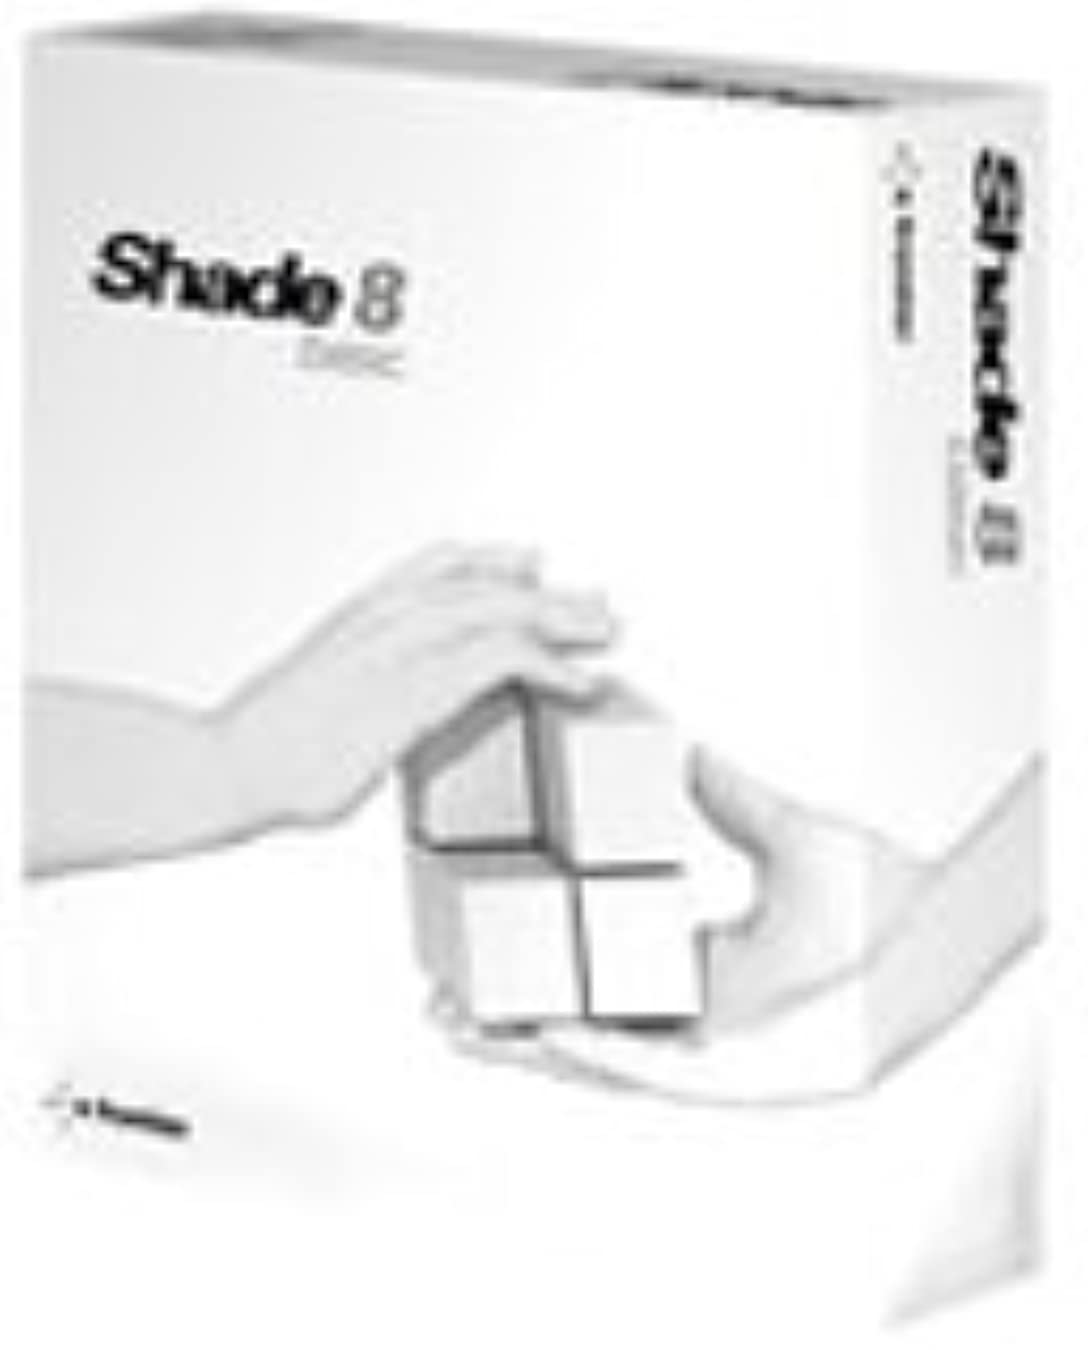 インディカそっと逸話Shade 8 basic for Windows アカデミック版